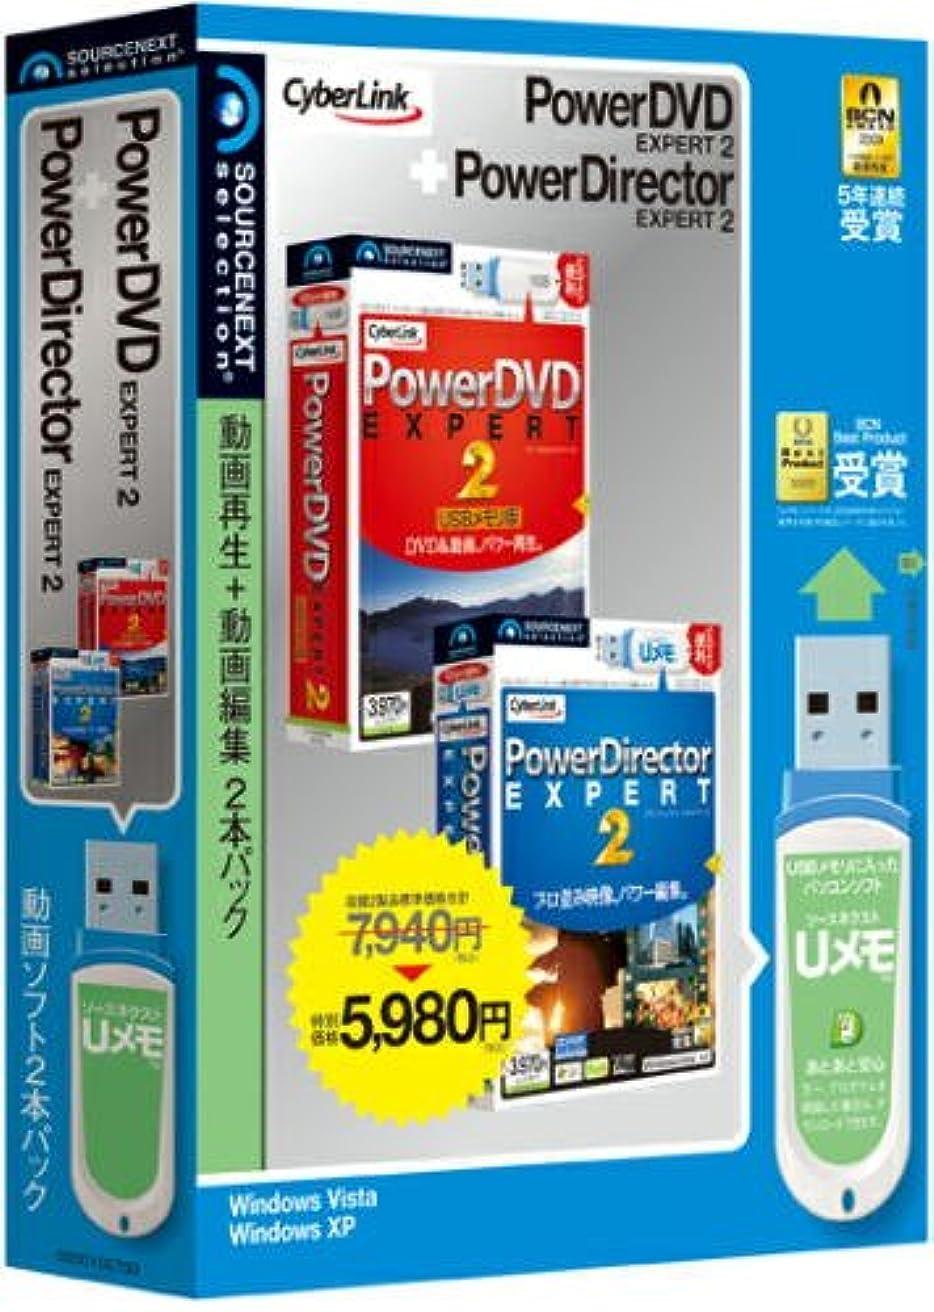 帰するスクラブ手首PowerDVD EXPERT 2 + PowerDirector EXPERT 2 (Uメモ)